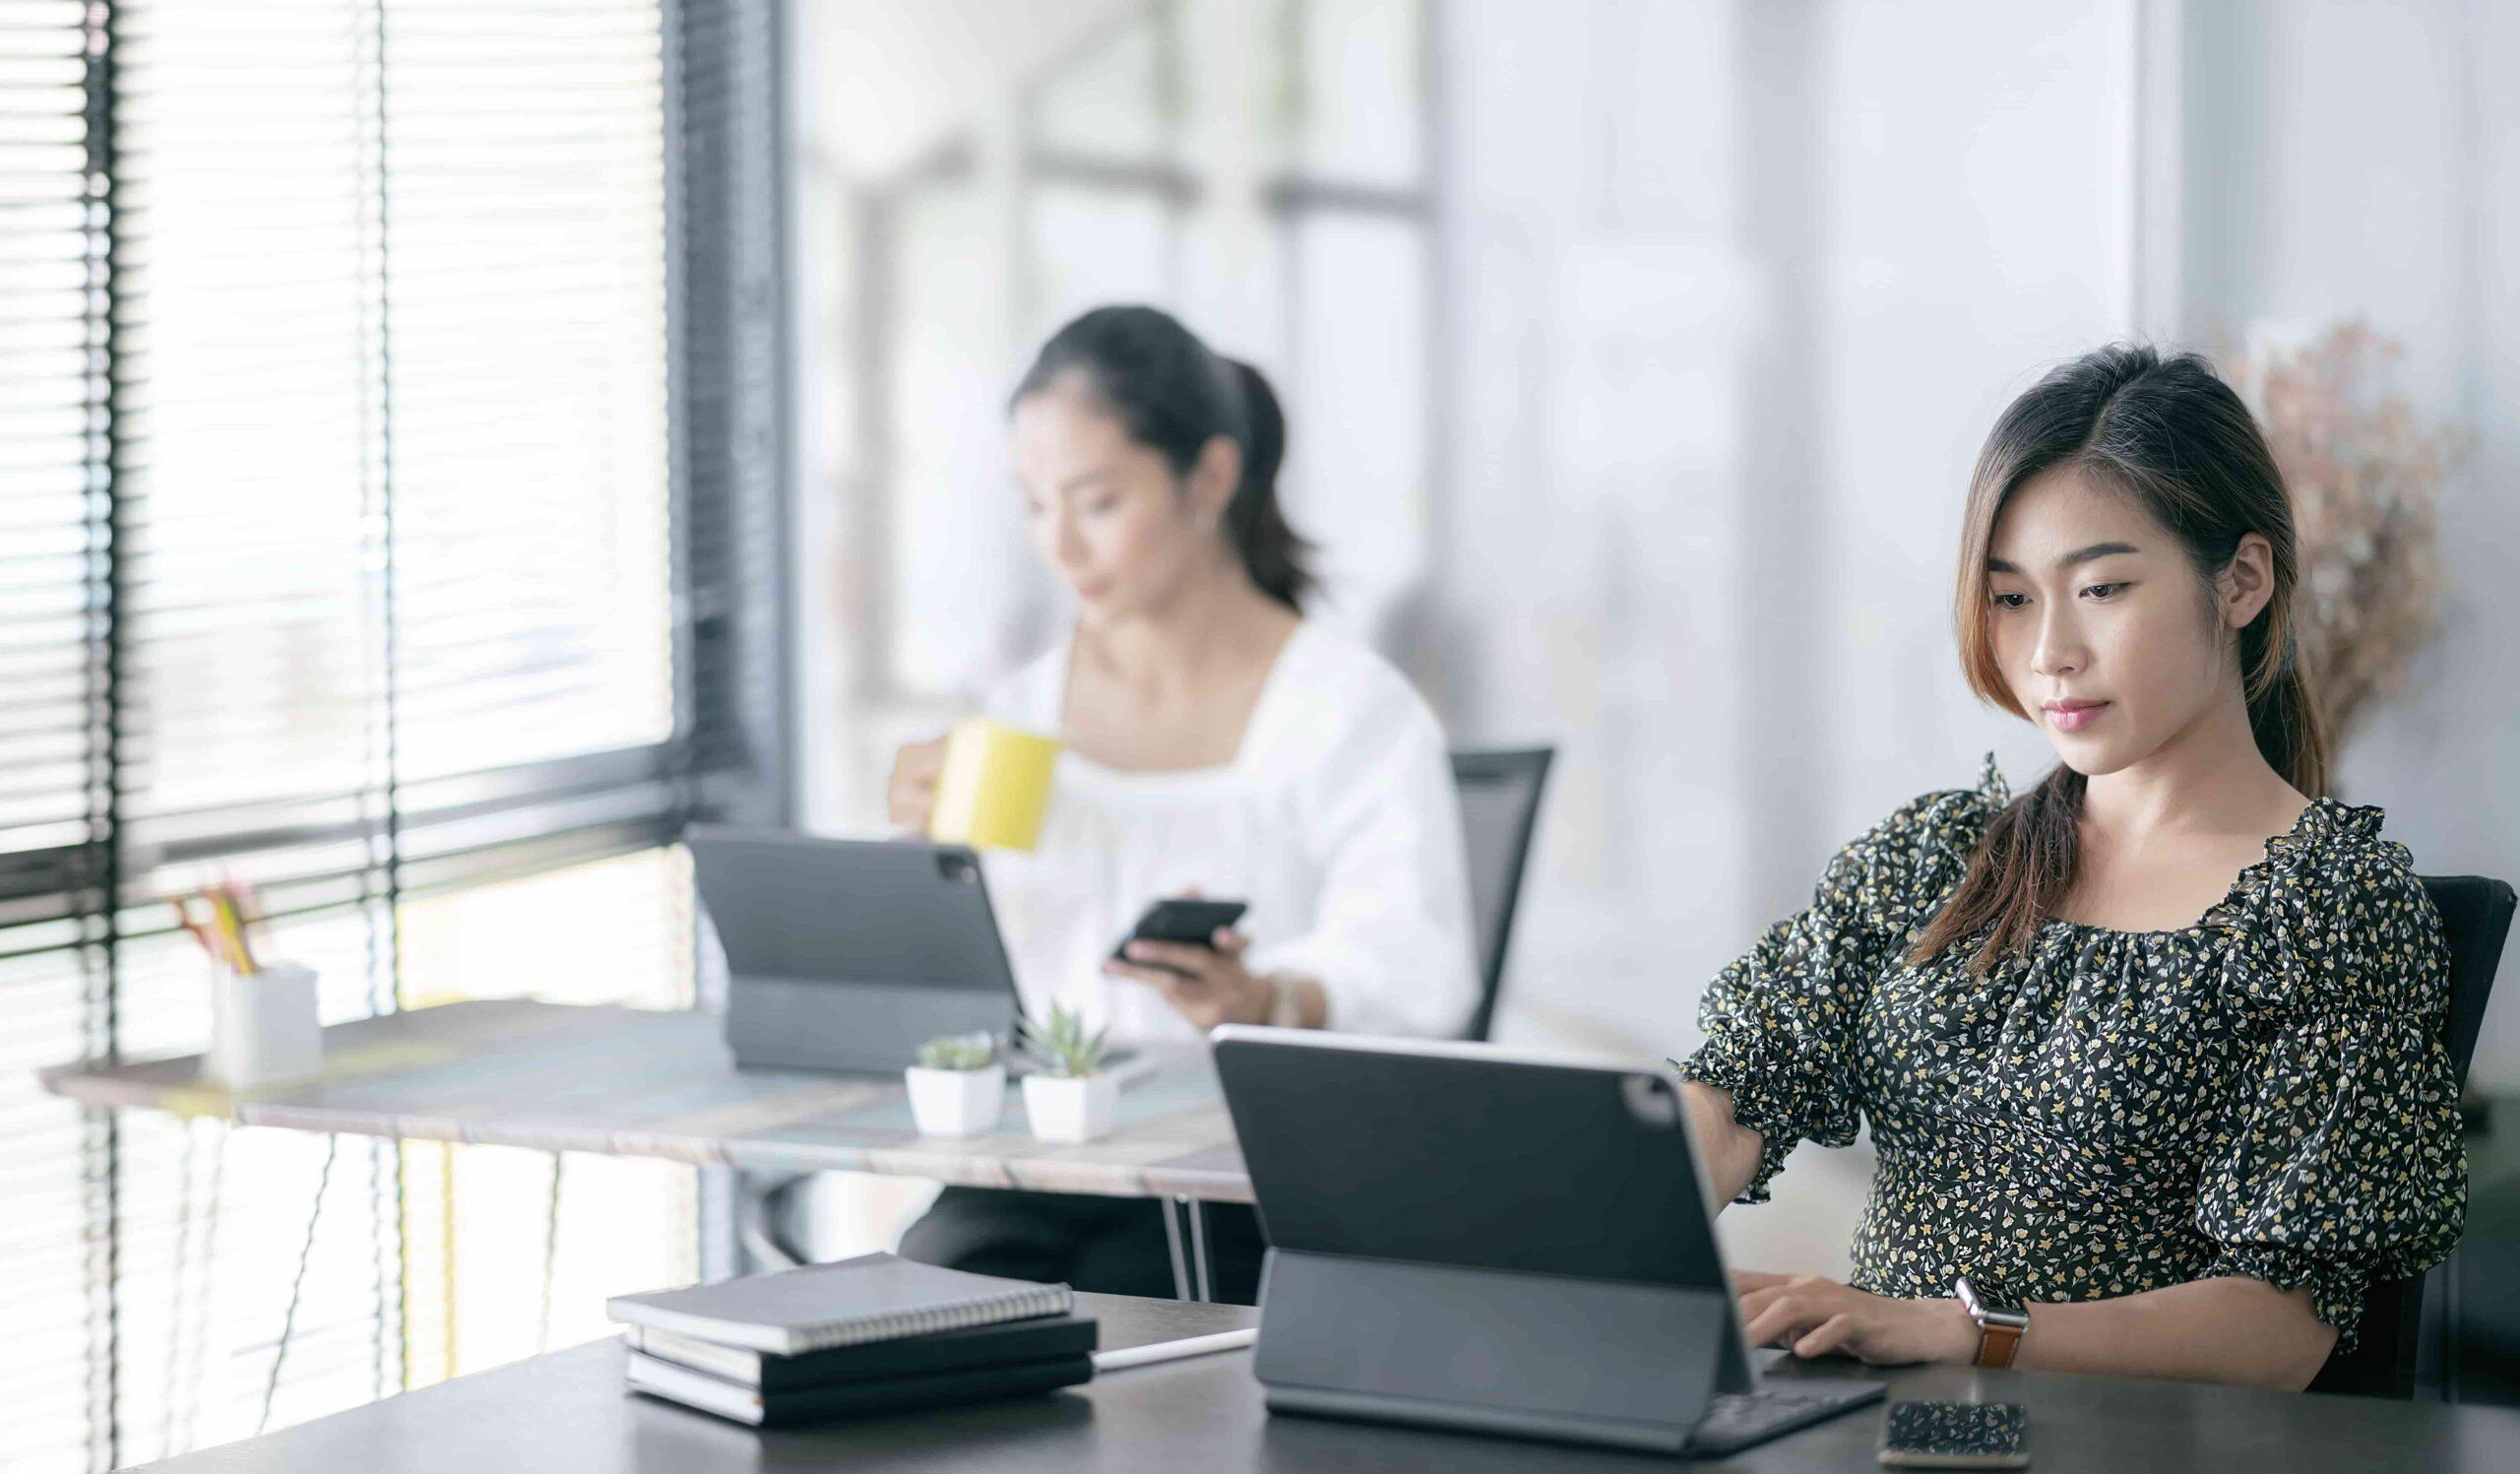 まとめ:魅力的なオフィス=採用活動に良い効果がある、と理解しよう